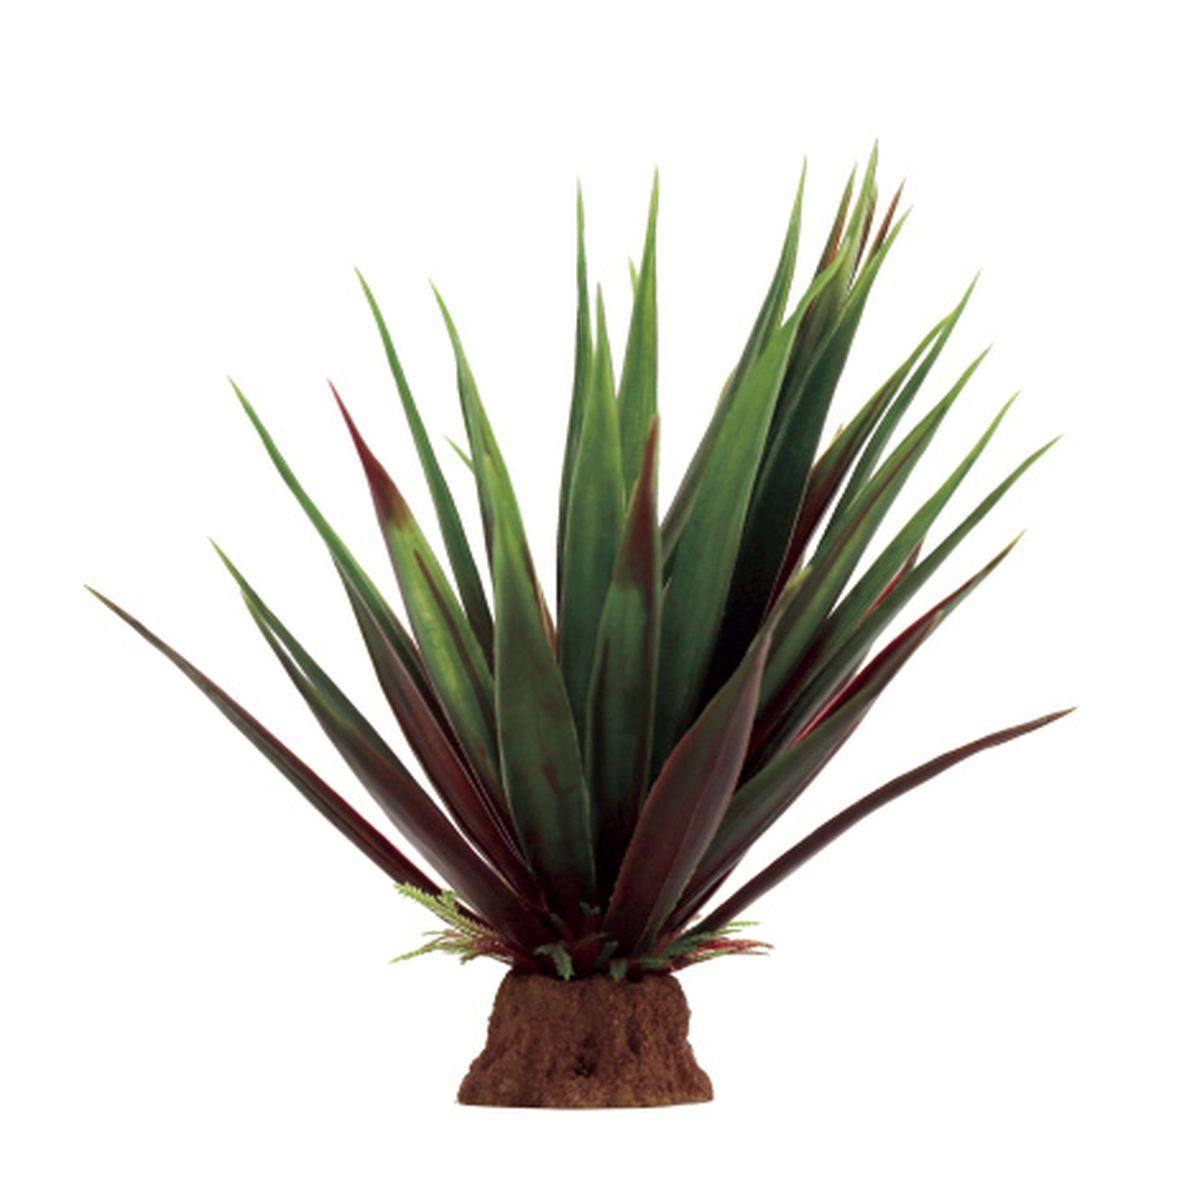 Растение для аквариума ArtUniq Агава красно-зеленая, 13 x 13 x 16 смART-1130706Композиция из искусственных растений ArtUniq превосходно украсит и оживит аквариум.Растения - это важная часть любой композиции, они помогут вдохнуть жизнь в ландшафт любого аквариума или террариума. А их сходствос природными порадует даже самых взыскательных ценителей.